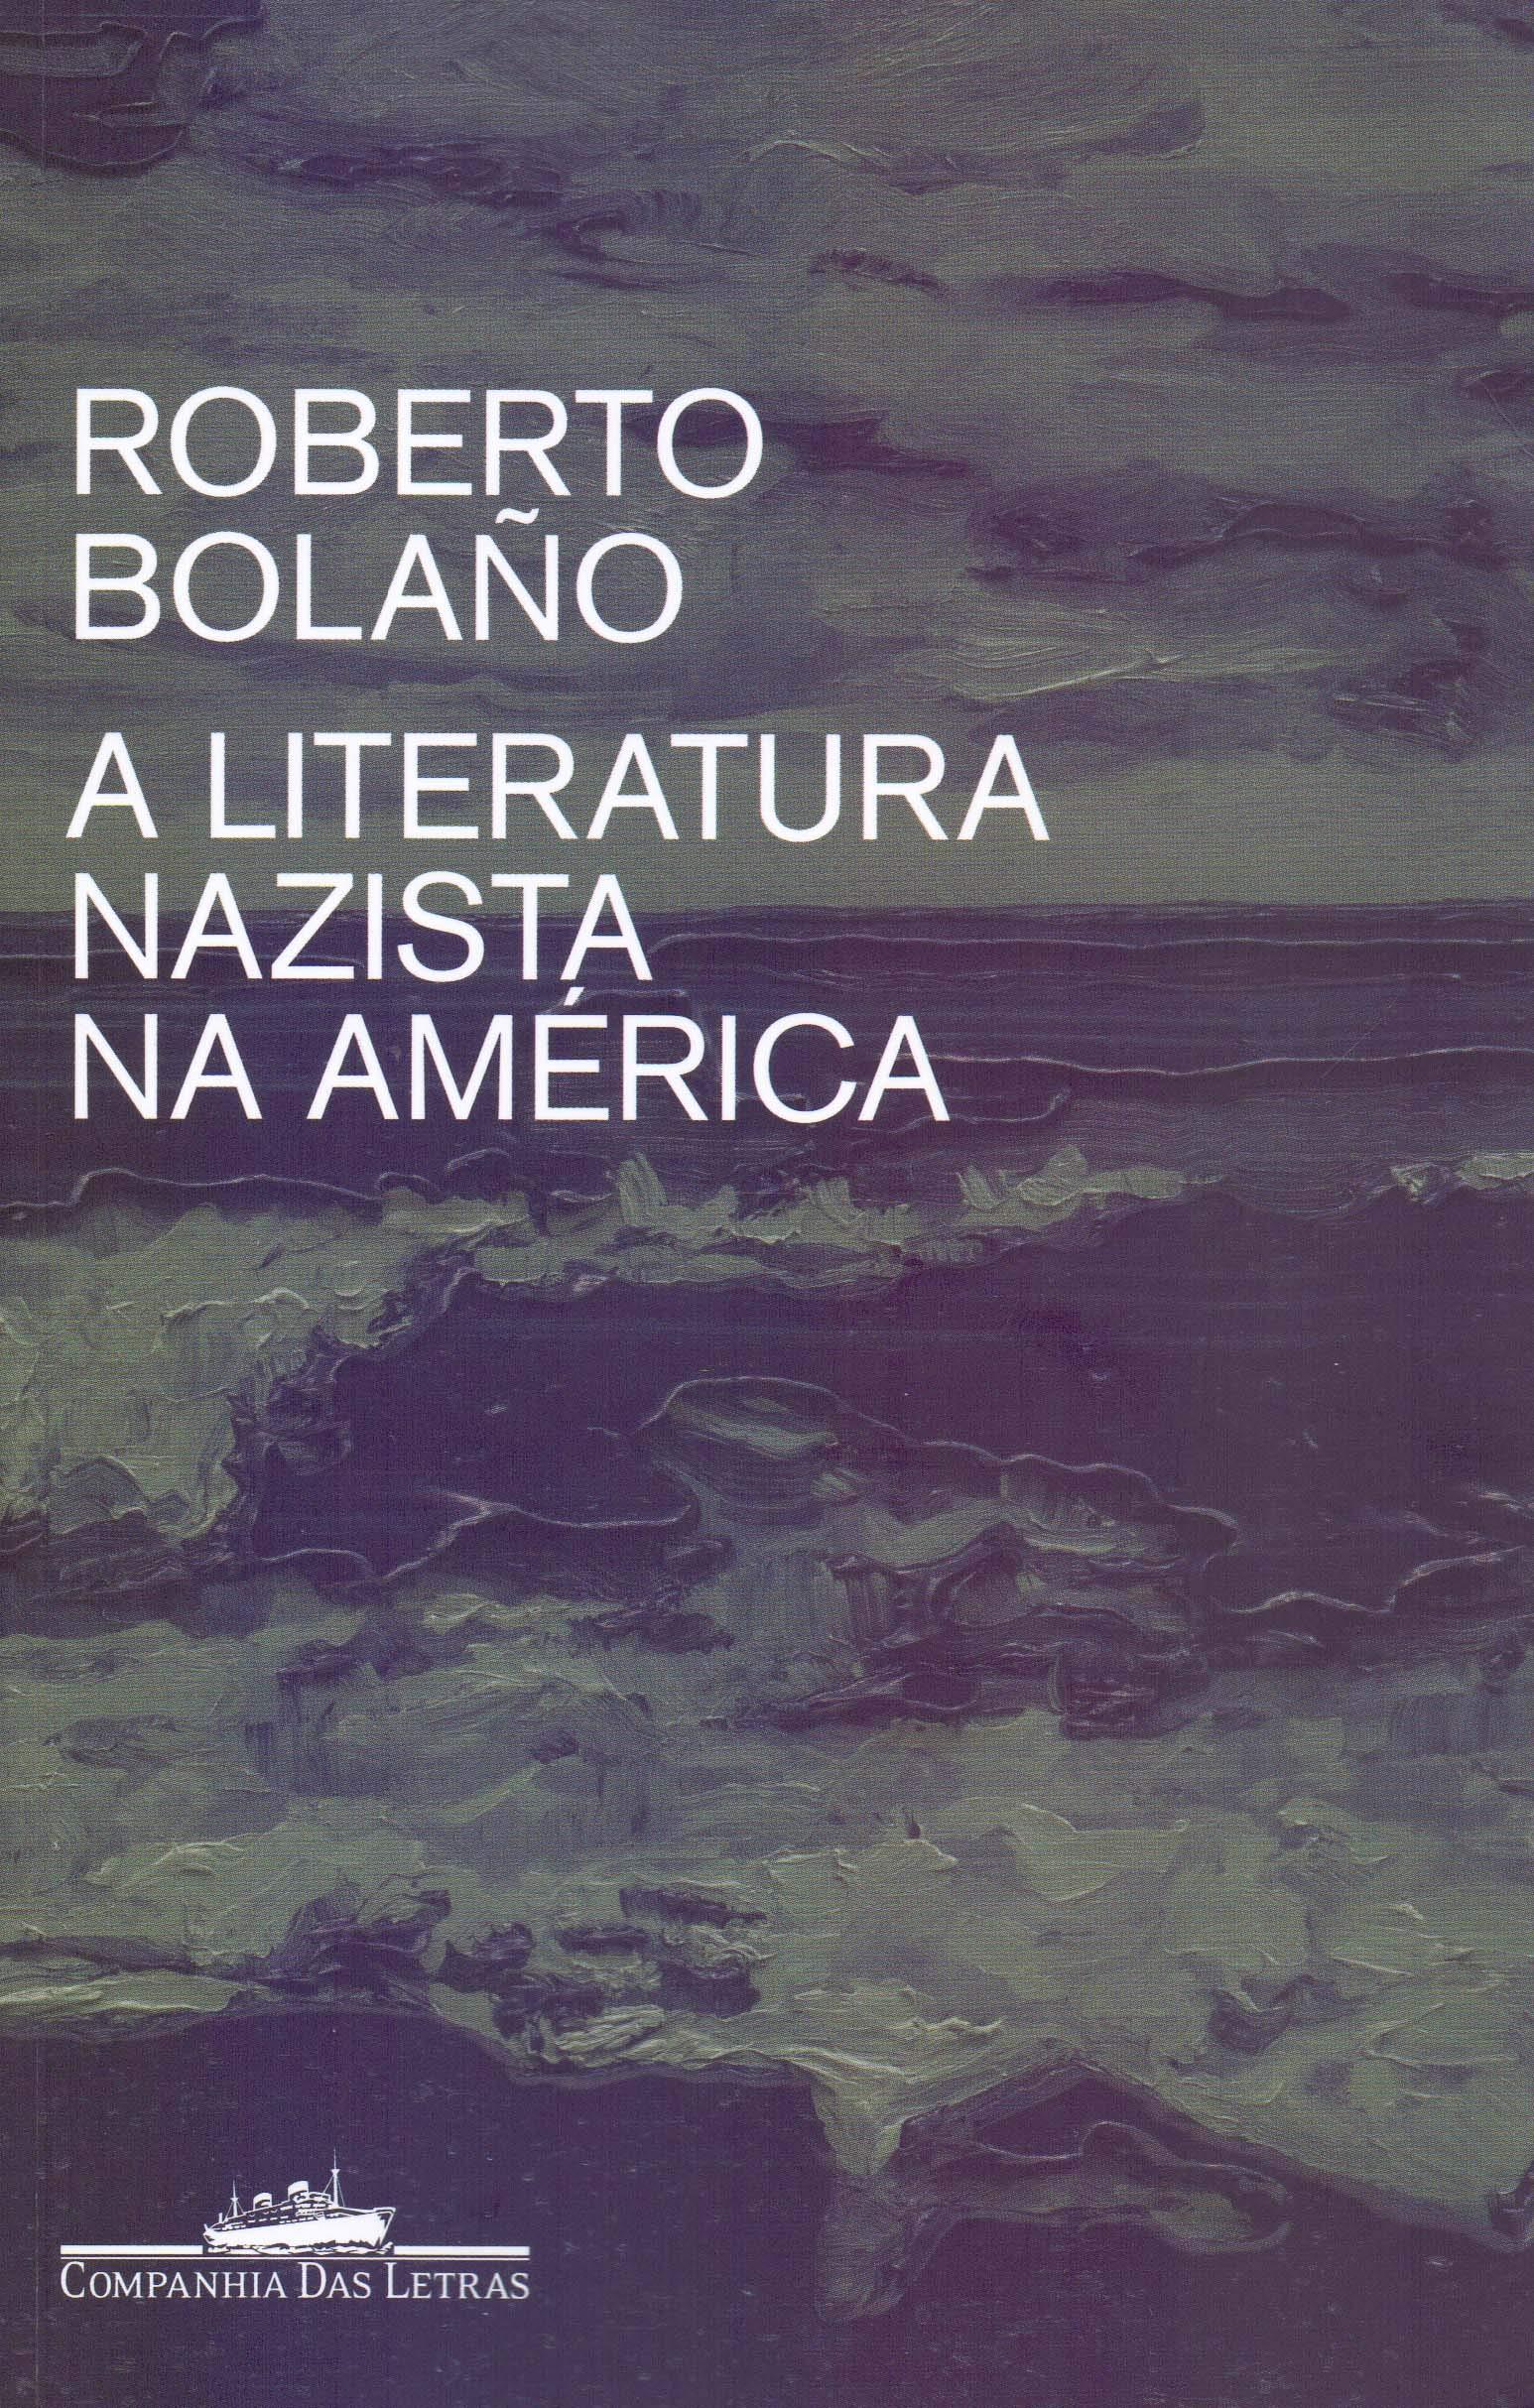 Antologia traz uma reflexão sobre 'A literatura Nazista na América' | Literatura | Revista Ambrosia